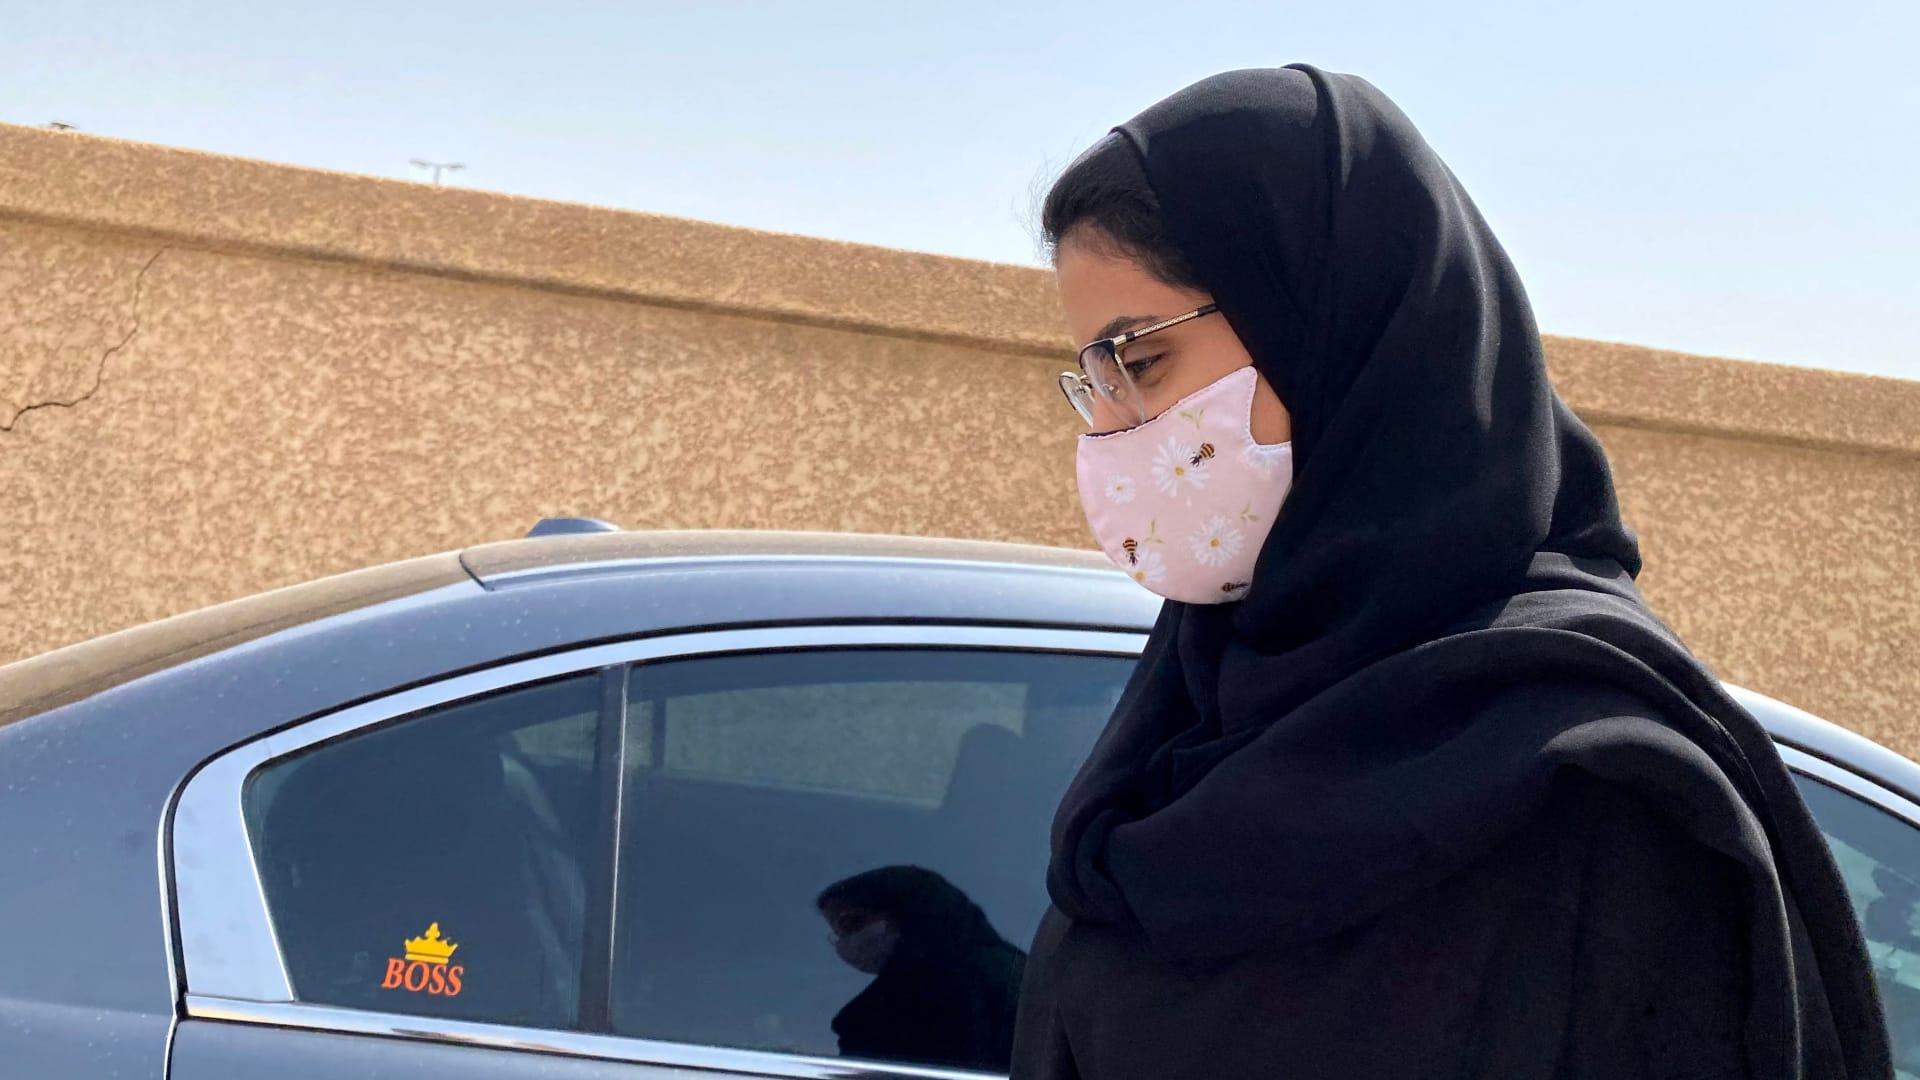 """تعليقا على """"السجاد البنفسجي"""" لمراسم الاستقبال.. شقيقتا لجين الهذلول تكشفان """"الاسم الحركي"""" للناشطة السعودية"""